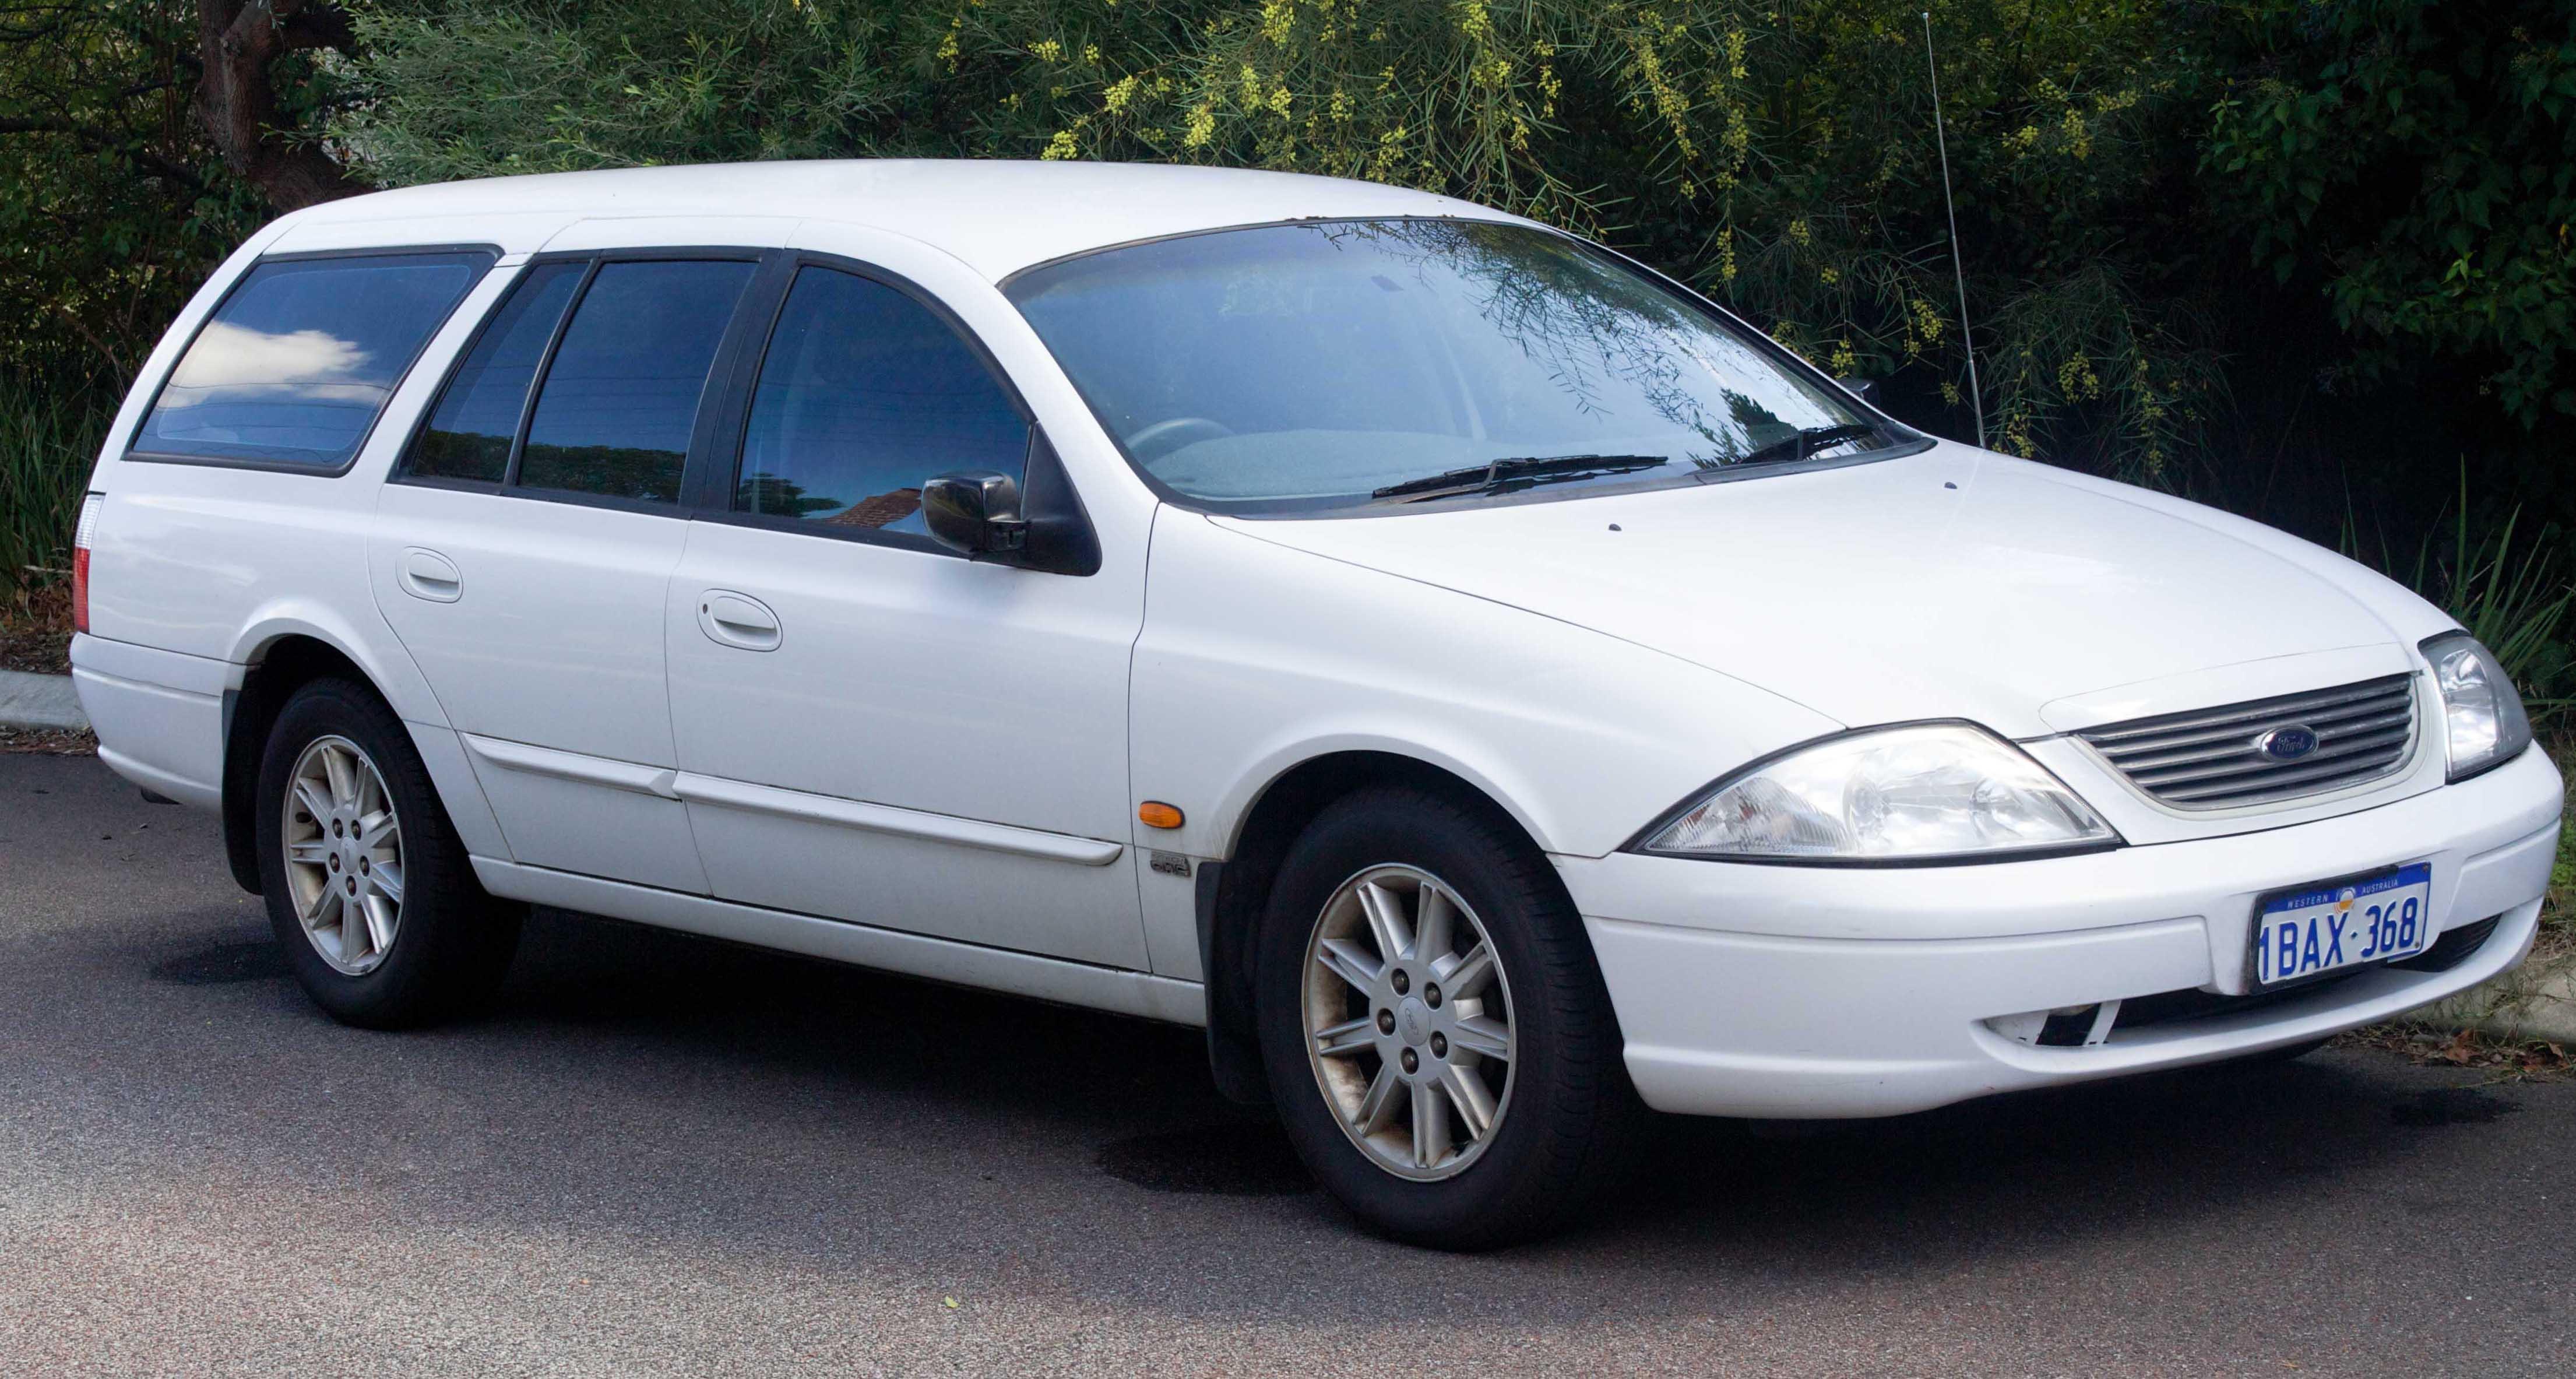 Ford futura wikipedia